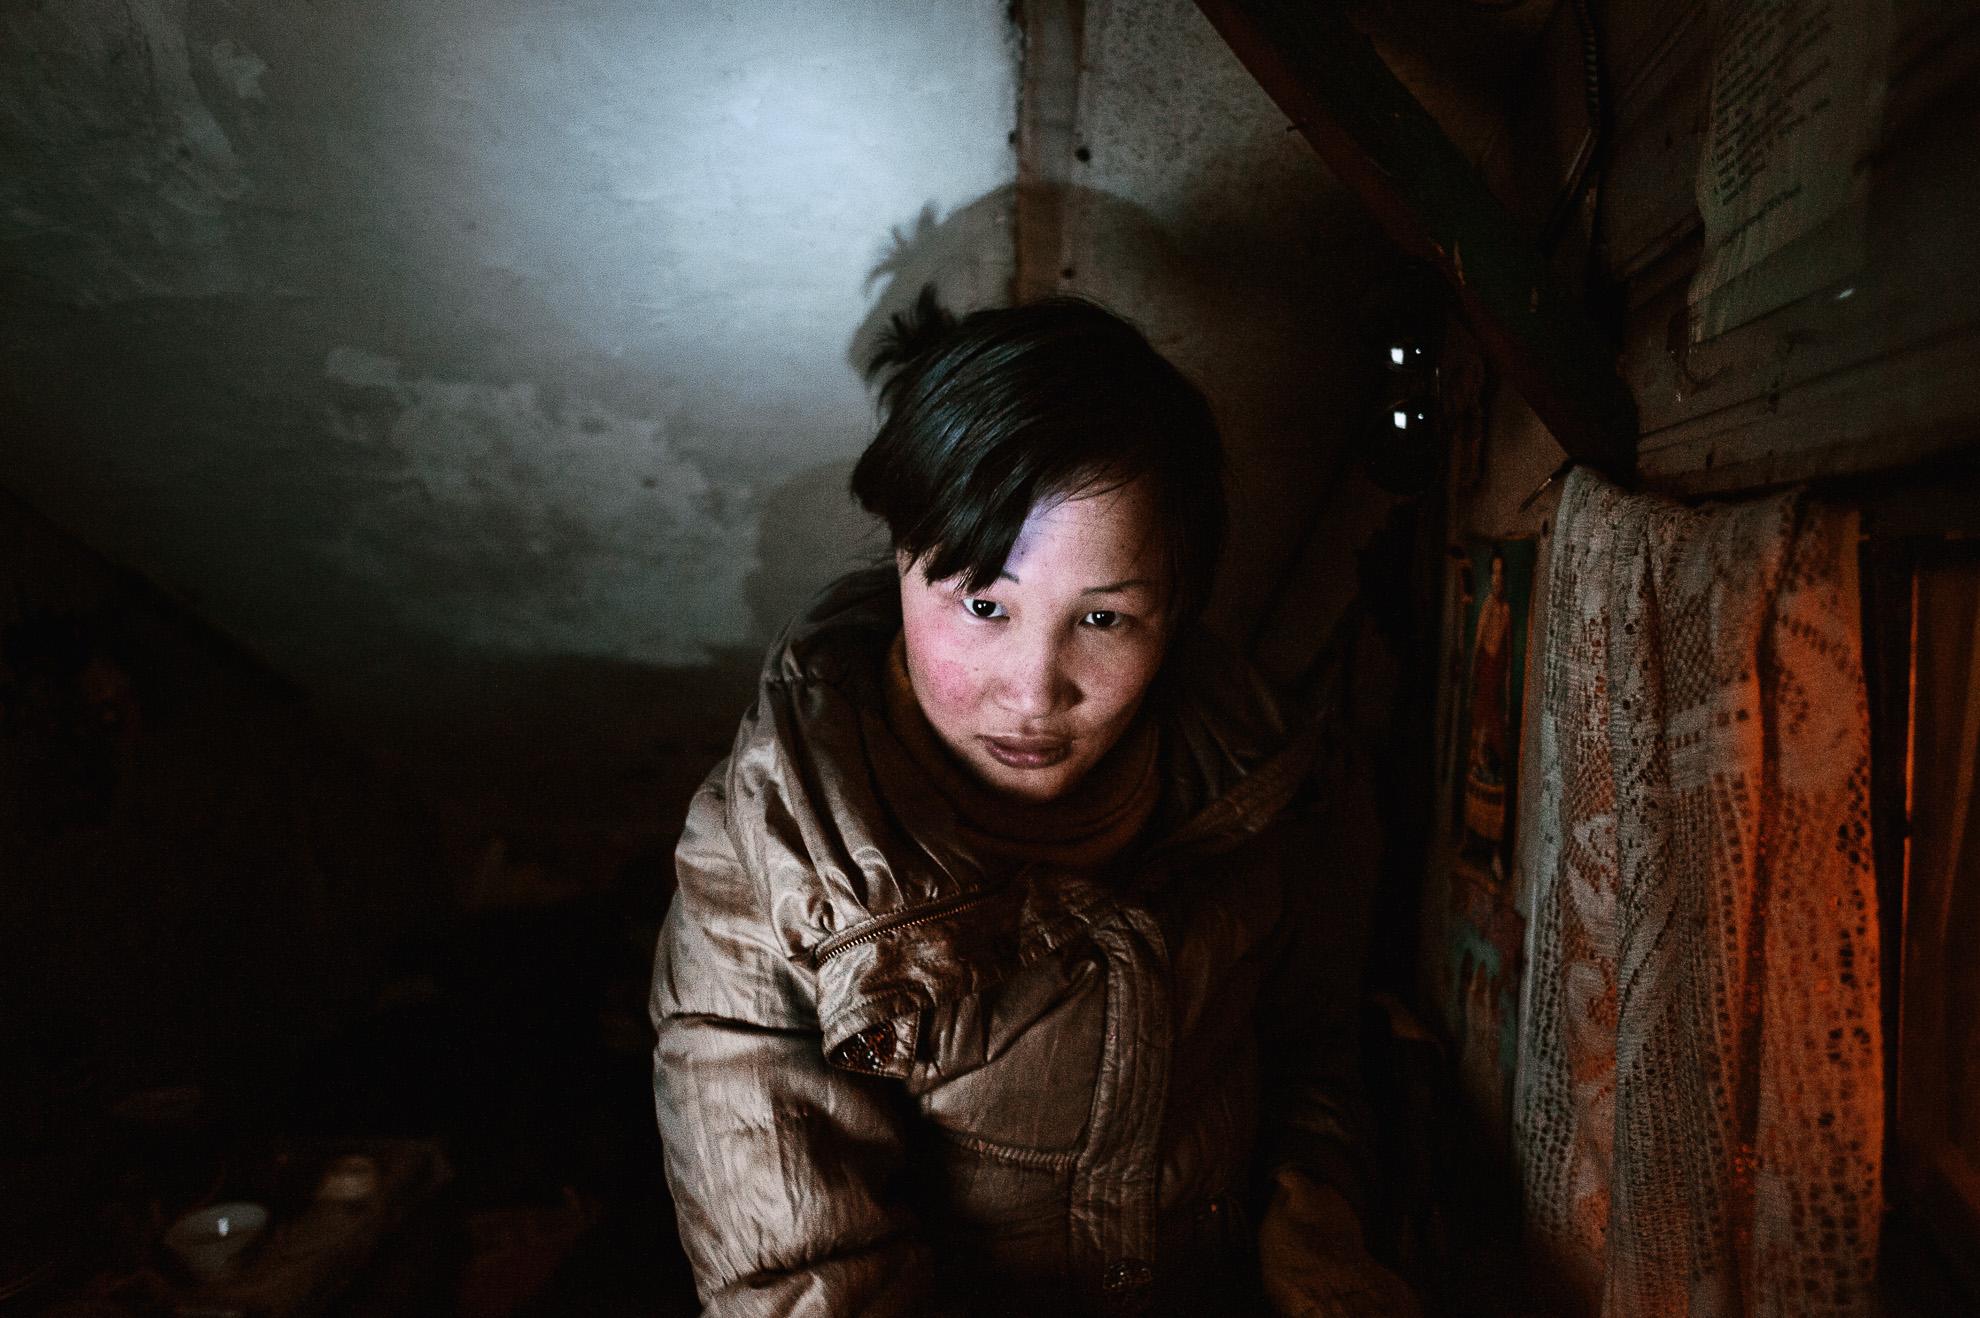 Mongolia, Ulán Bator. Dyun Erdene, de 26 años, antigua pastora, en el reducido espacio que comparte con su familia -su padre, de 55 años y antiguo pastor, su madre, una hermana y su sobrino de 4 años- en Ulán Bator. Antes vivía con su familia en Gobi-Ugtaal, en la provincia de Dunggobi, pero durante el dzud perdieron sus 150 animales y, por tanto, decidieron trasladarse a la ciudad. Está embarazada, pero su novio la dejó y ahora está sola. Su madre es guardiana de un apartamento y están viviendo en una habitación superpoblada bajo la escalera del mismo edificio donde trabaja su madre. Consiguieron este espacio gracias al trabajo de su madre (la única que trabaja en la familia). Pagan un pequeño alquiler, pero solo pueden ahorrar un poco de dinero para su alimentación básica diaria. Su padre ha sido pastor durante toda su vida y no puede hacer ni encontrar ningún otro trabajo.